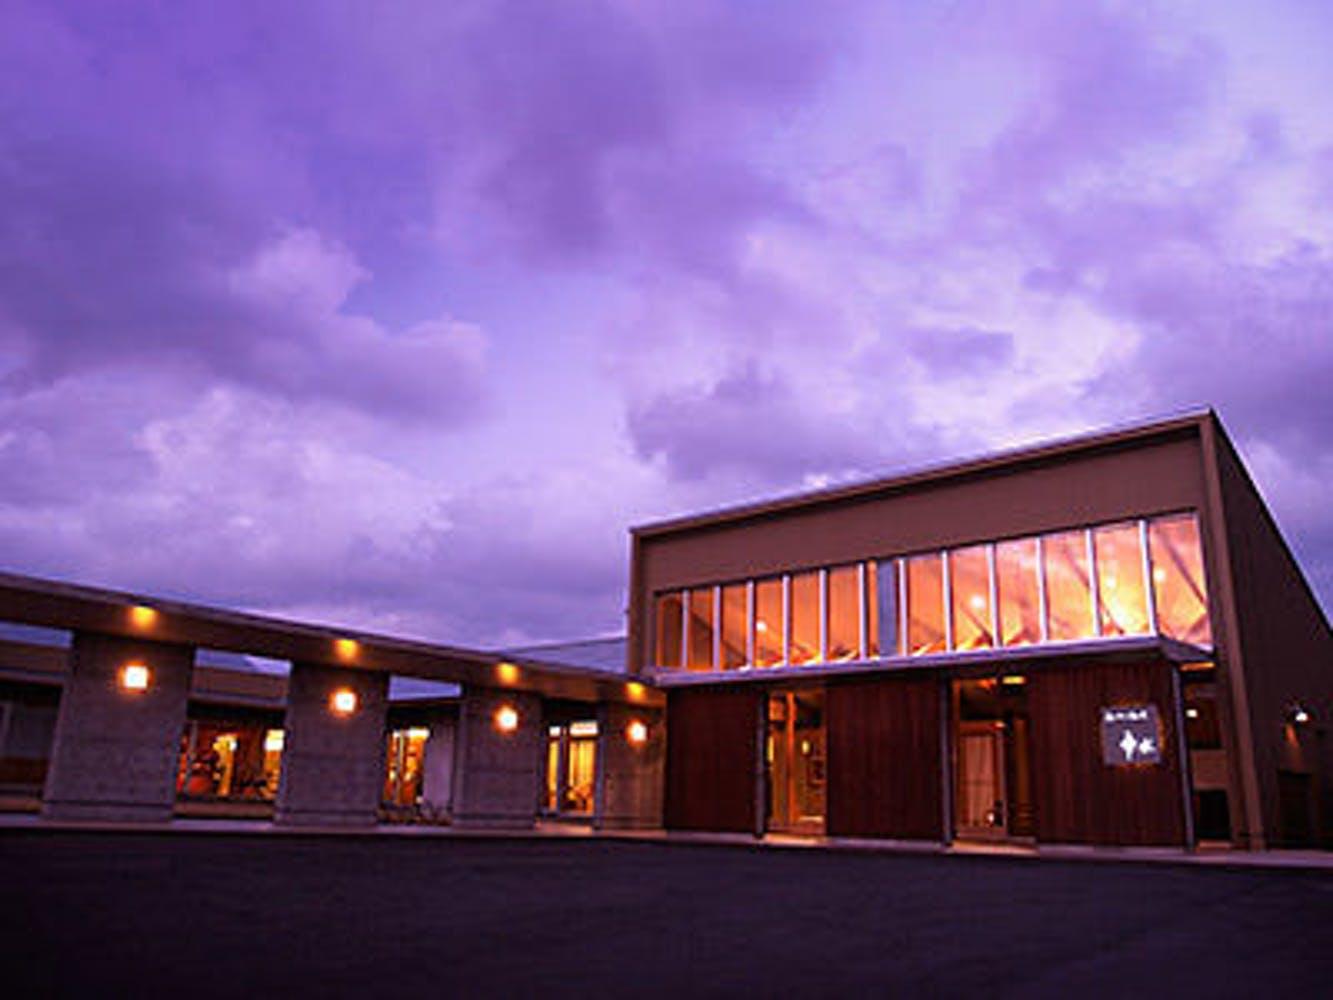 海と入り陽の宿 帝水  秋田男鹿半島 戸賀湾を見下ろす絶景の温泉旅館 写真1